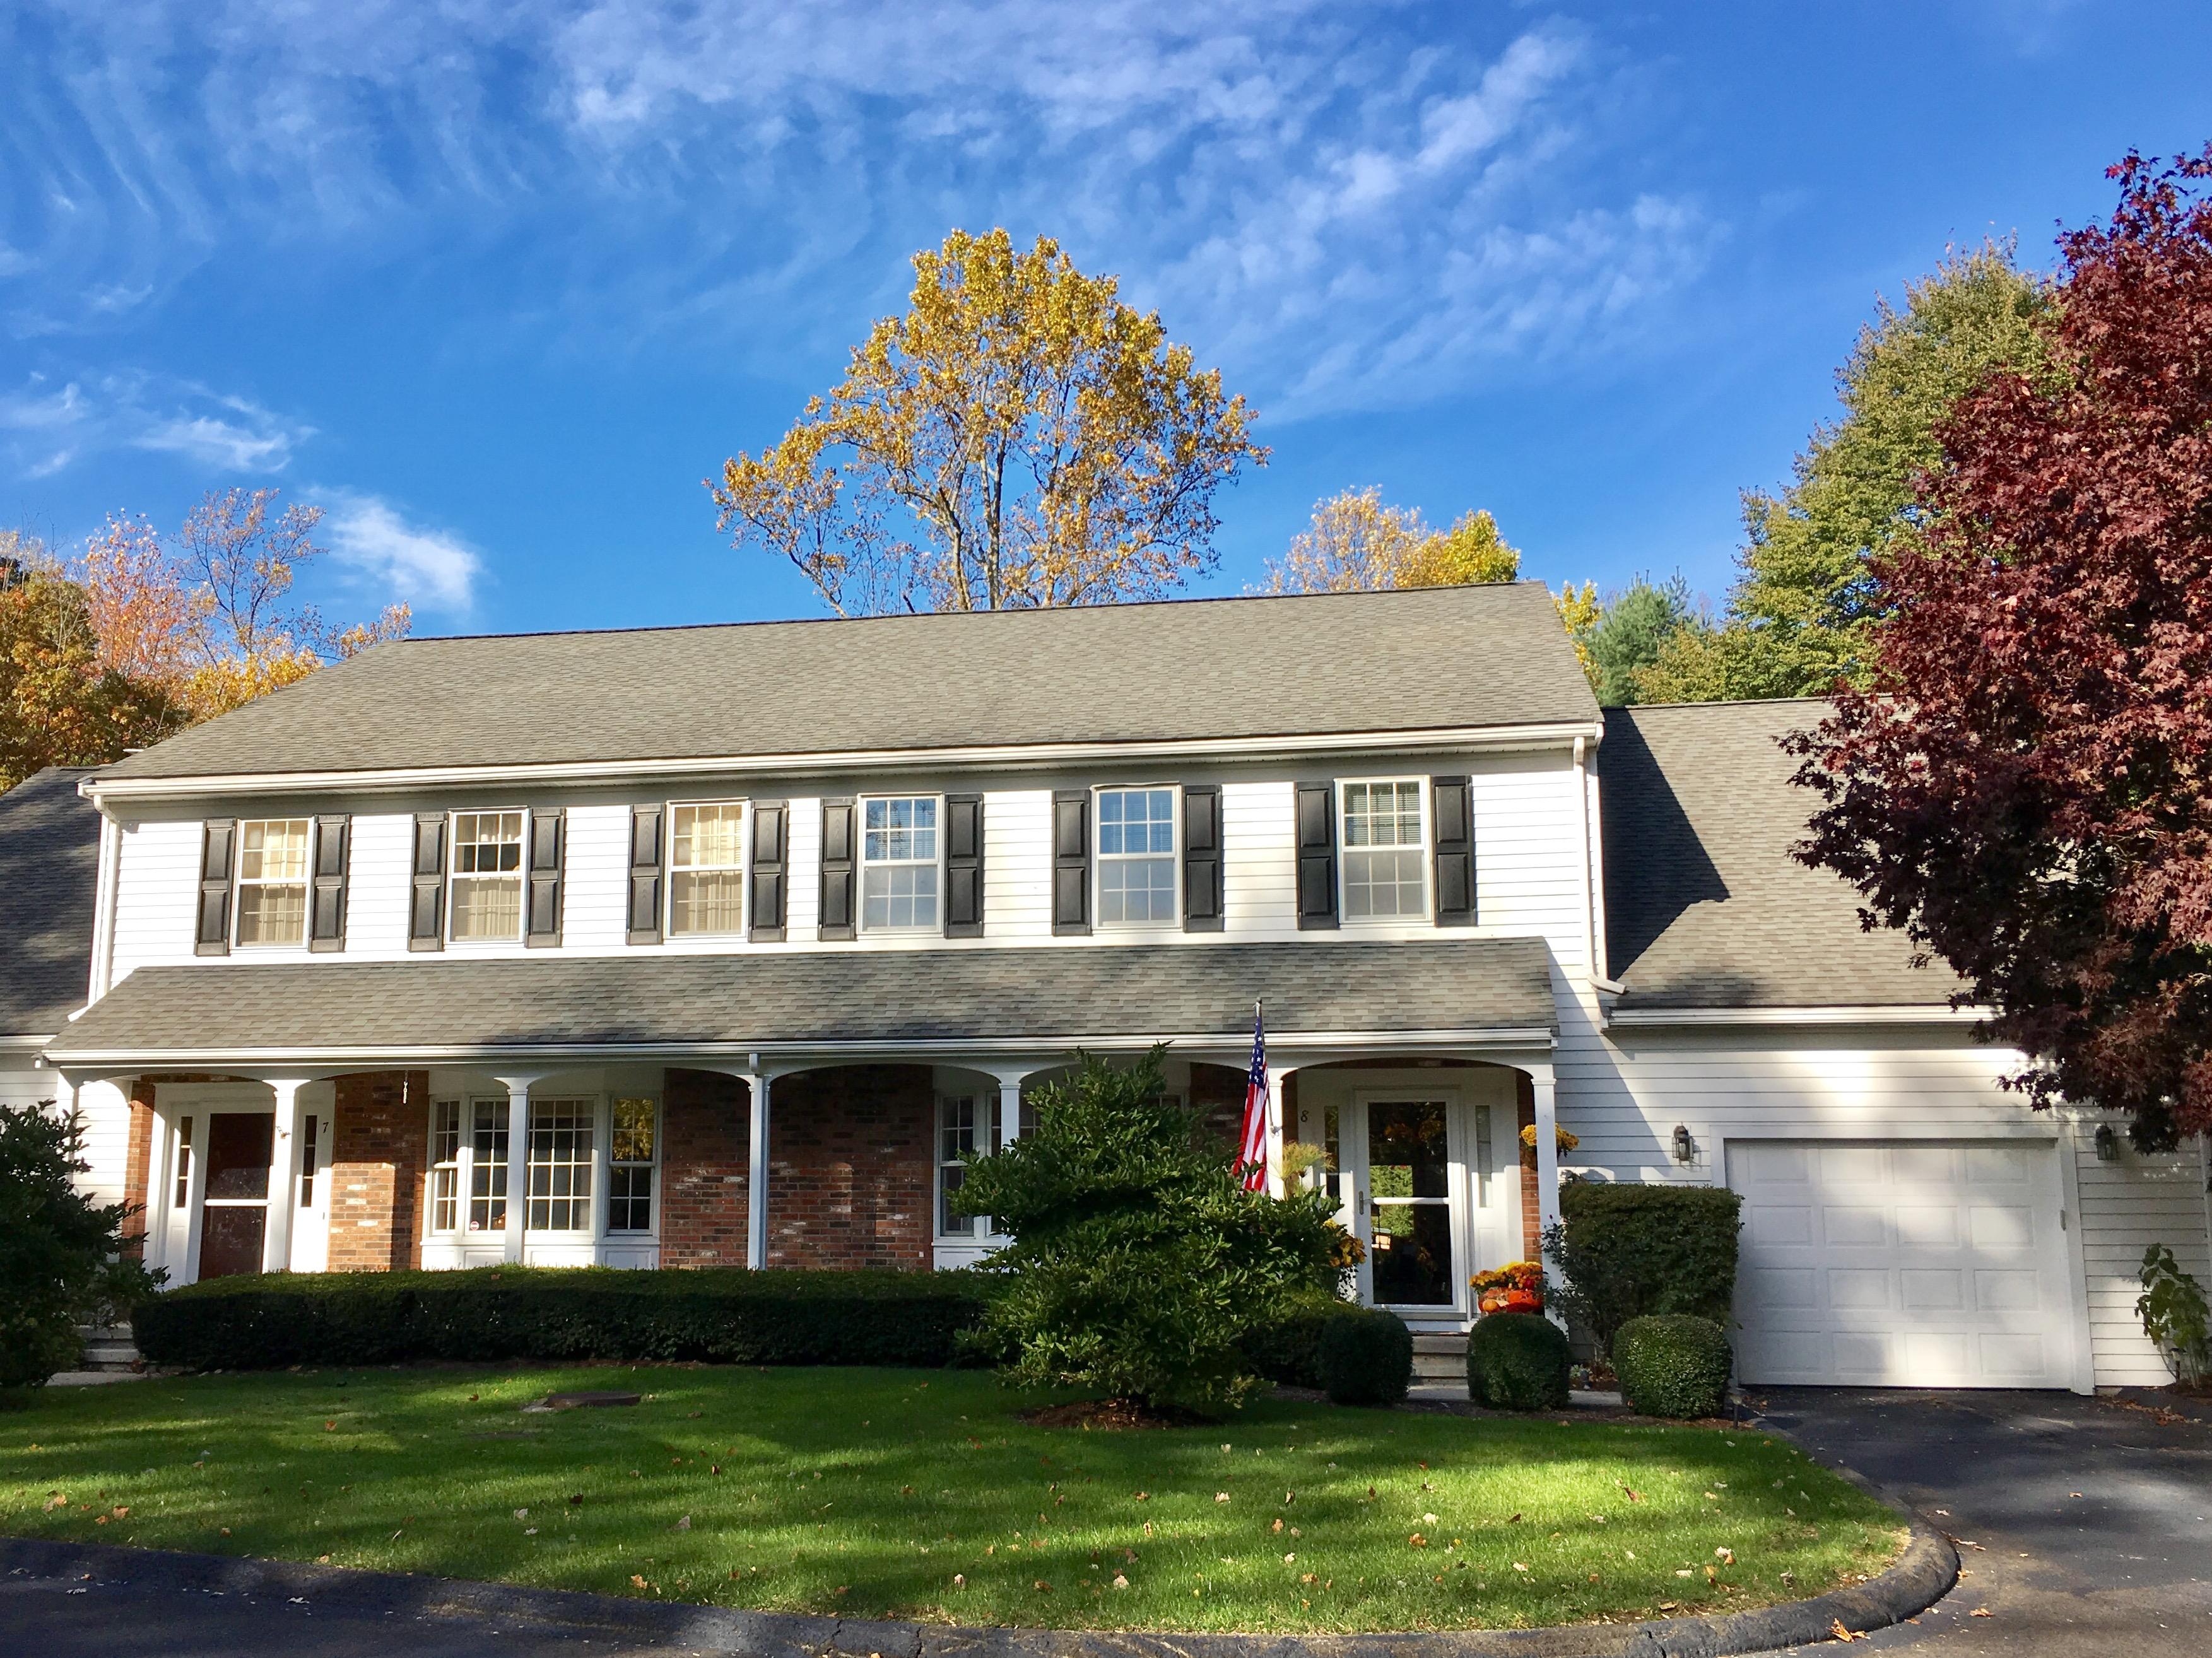 Eigentumswohnung für Verkauf beim 8 Cambridge Dr 8 Cambridge Dr 8 Madison, Connecticut, 06443 Vereinigte Staaten